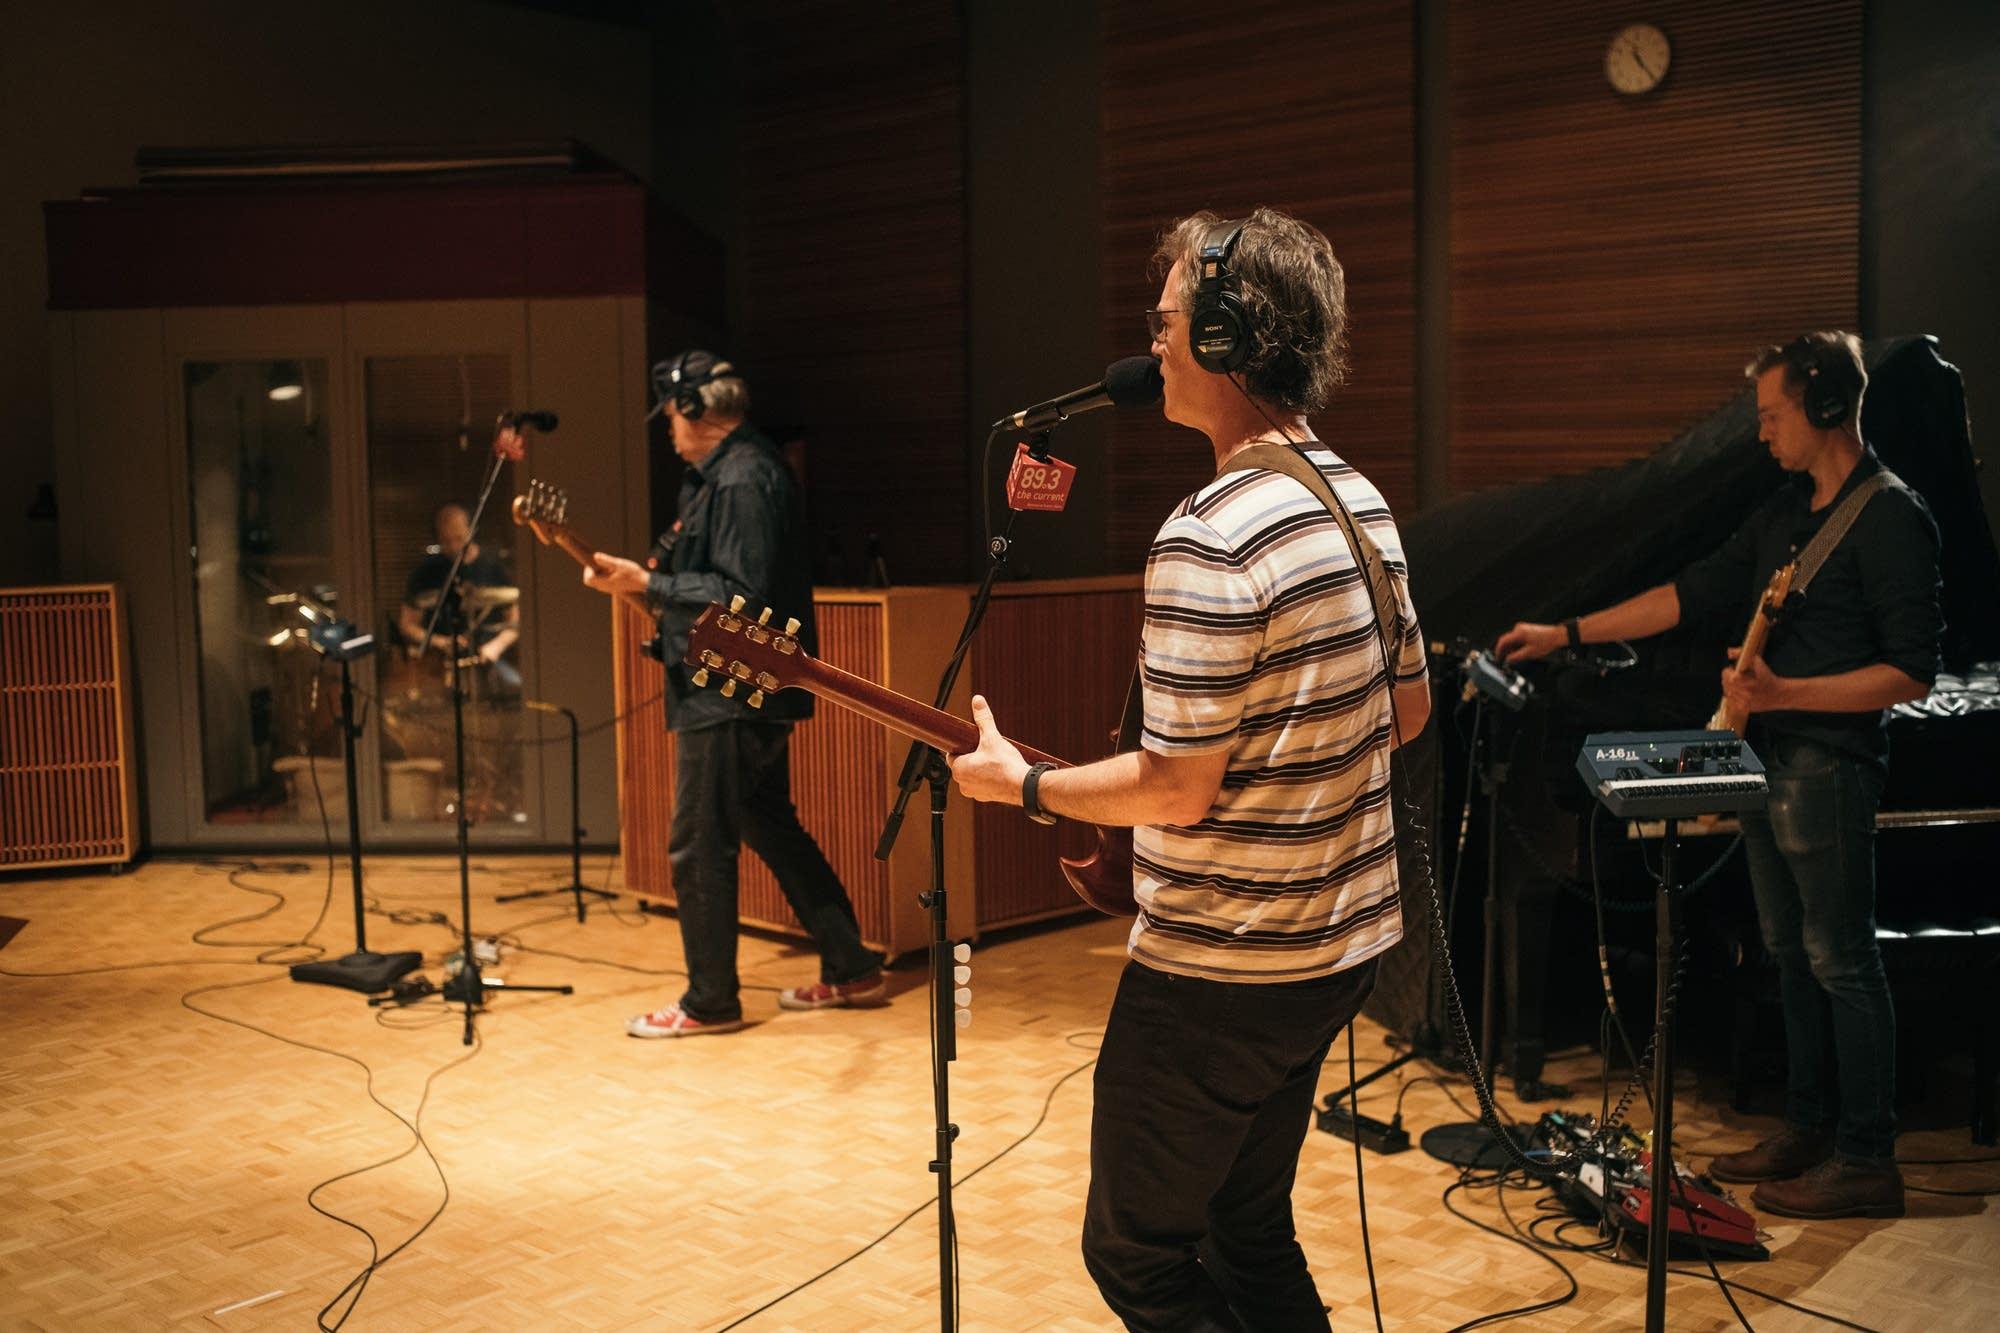 Semisonic in The Current studio